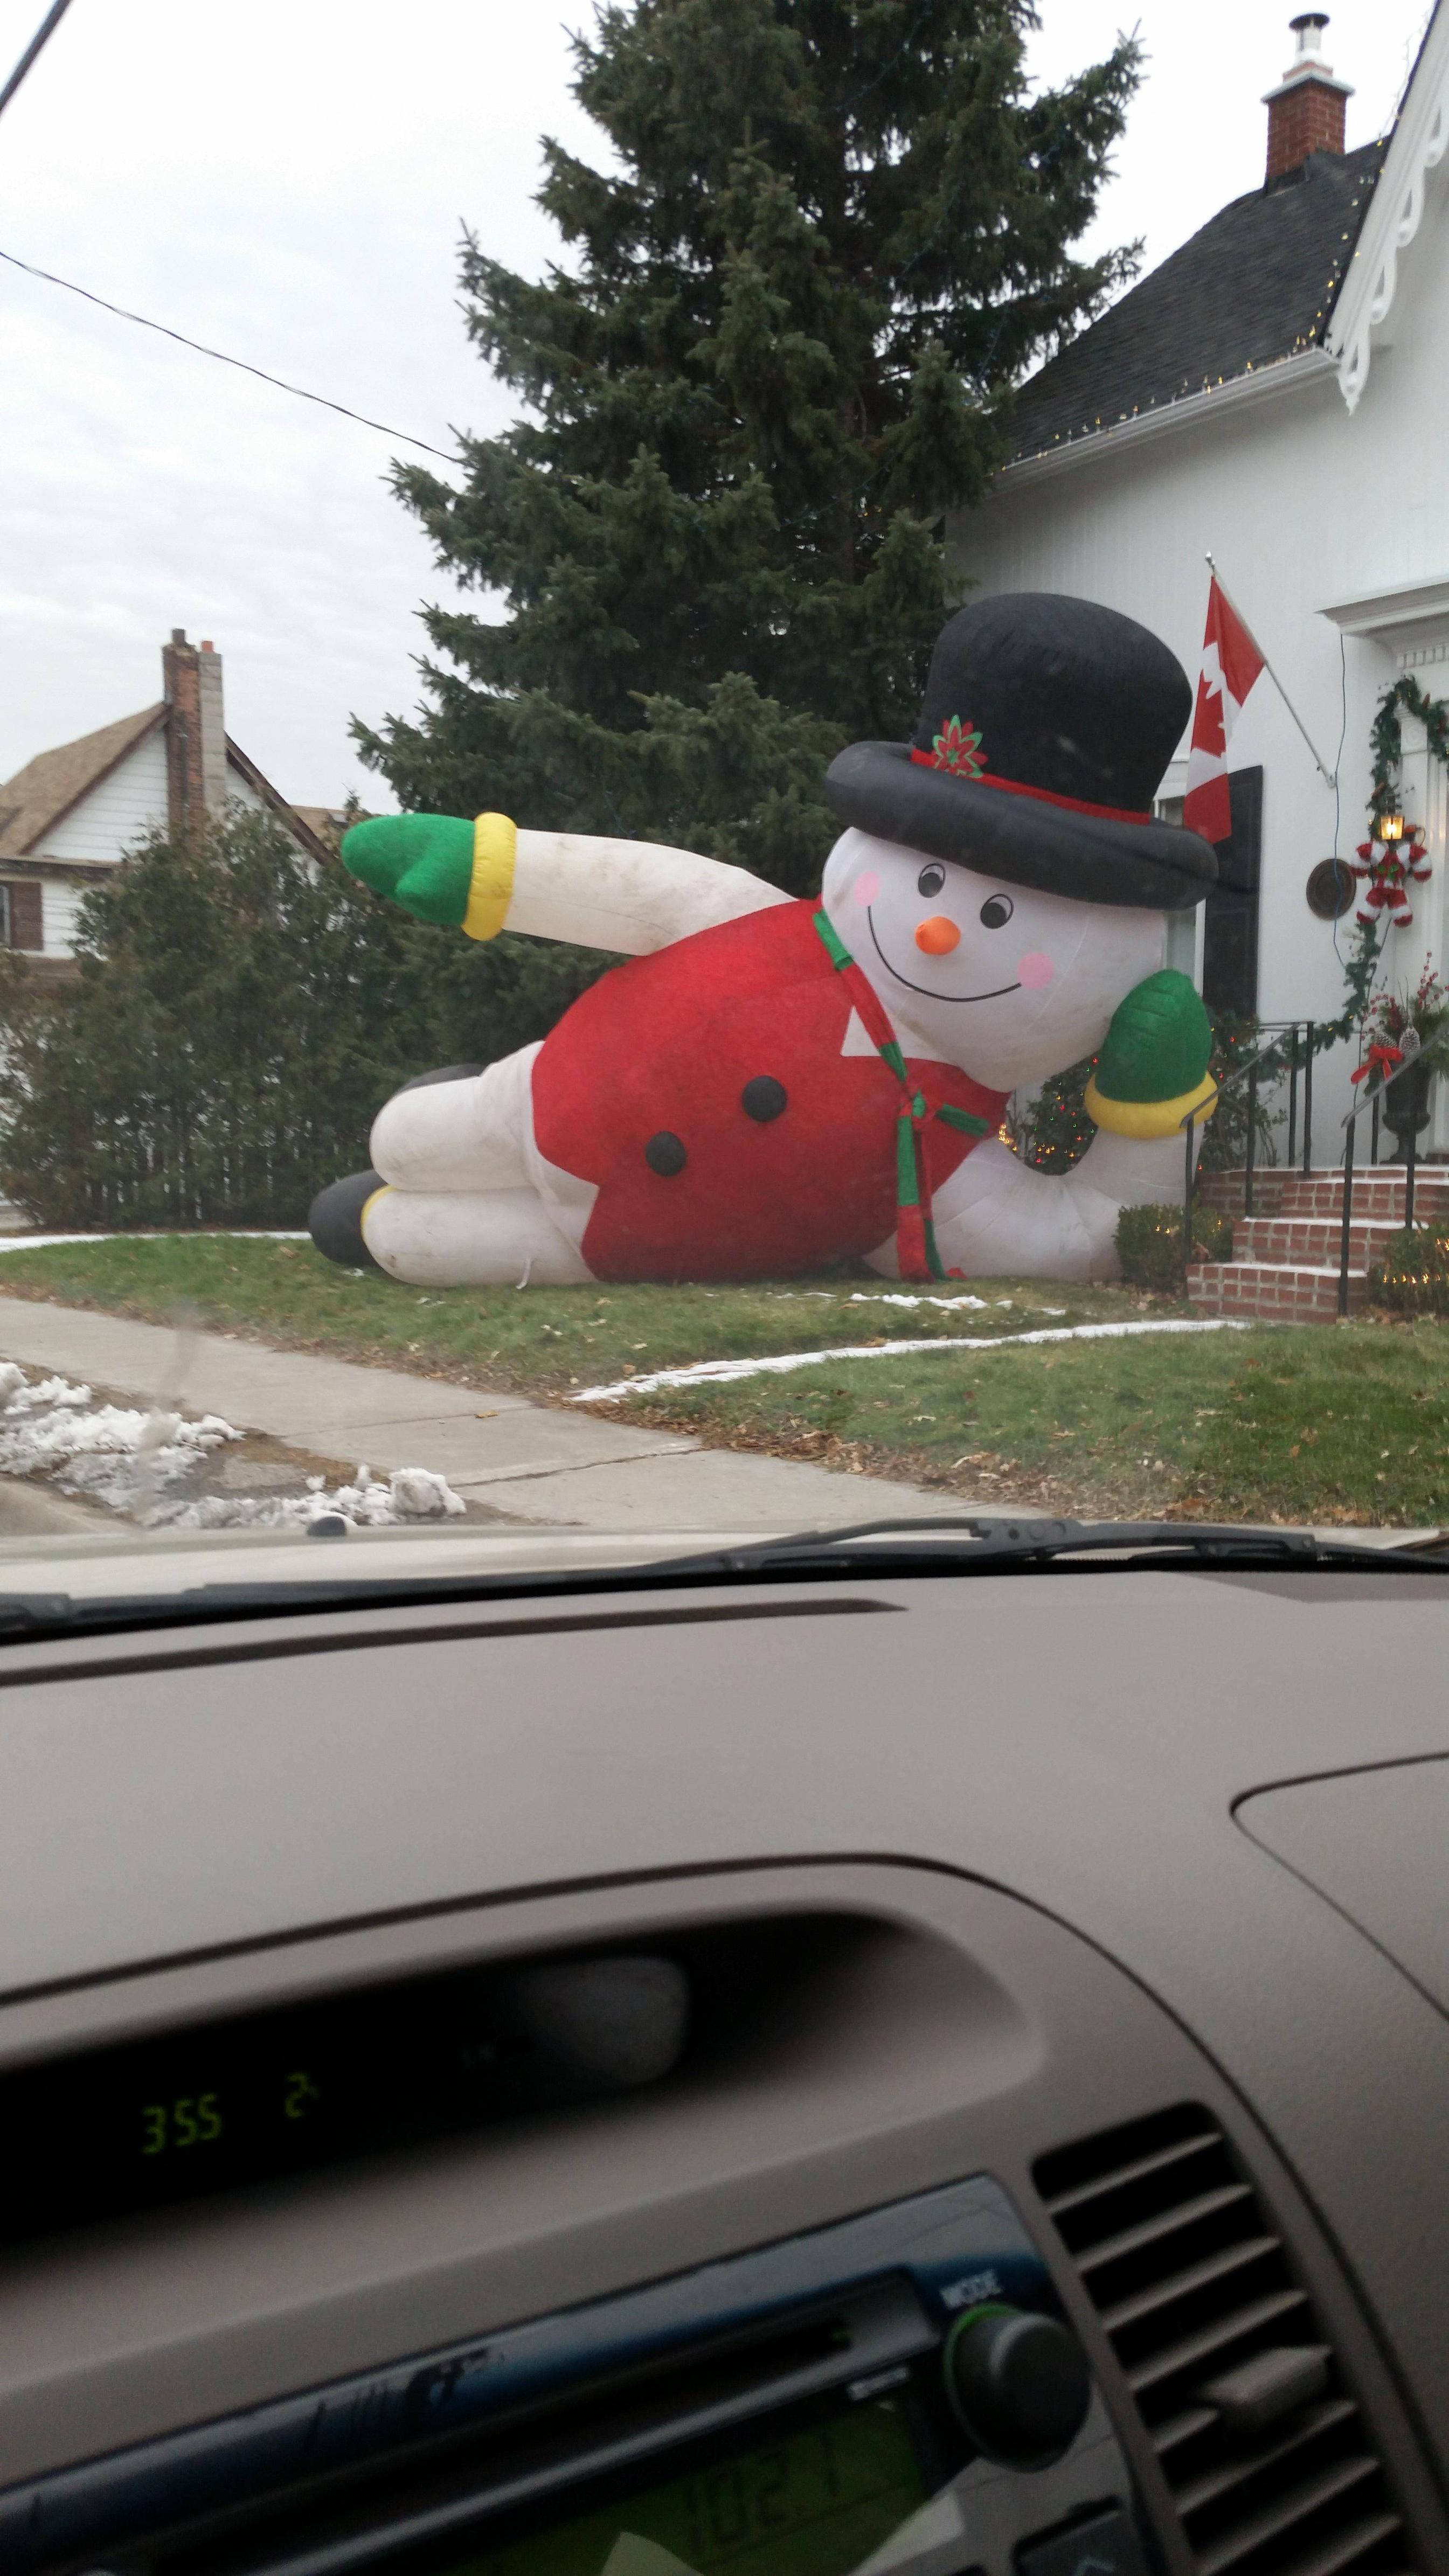 las-mejores-fotos-de-navidad-fotos-GRACIOSAS-muñeco-de-nieve-hinchable